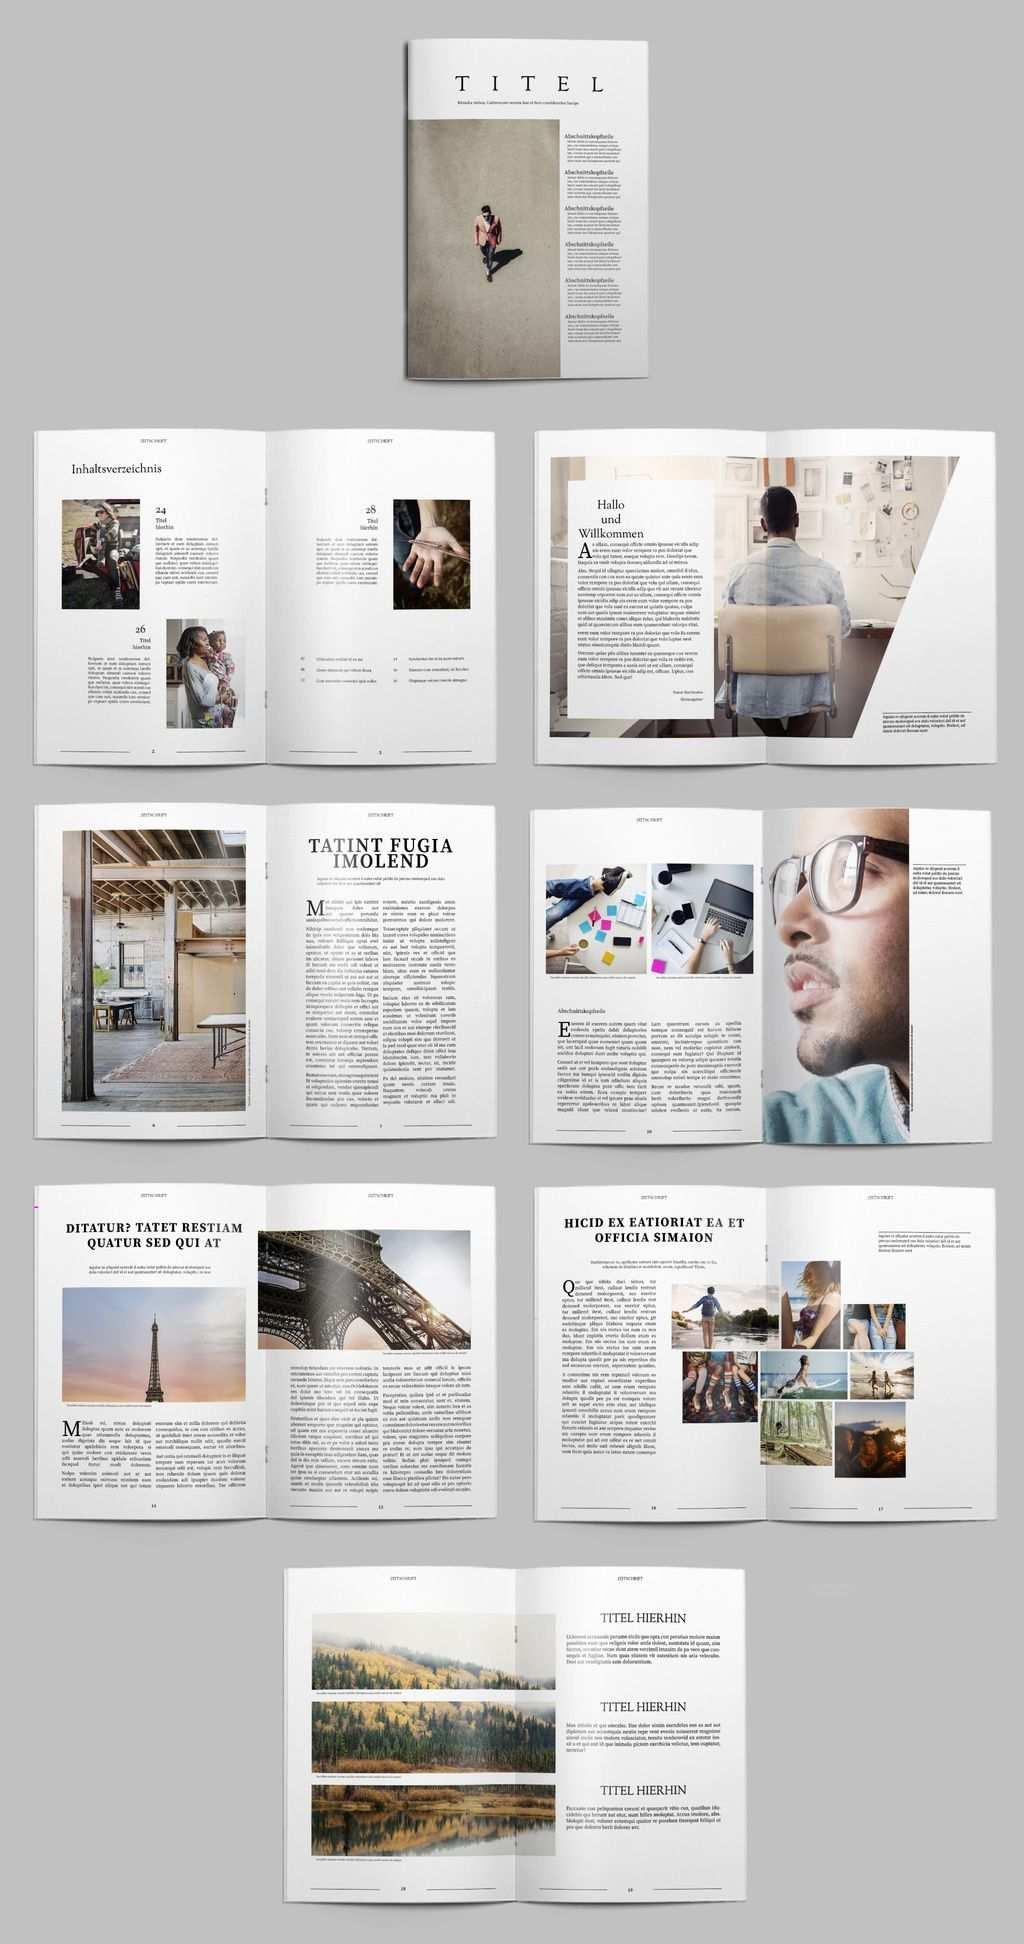 Kostenlose Indesign Vorlagen Fur Magazine Creative Blog By Adobe Indesign Vorlagen Bookletgestaltung Indesign Vorlage